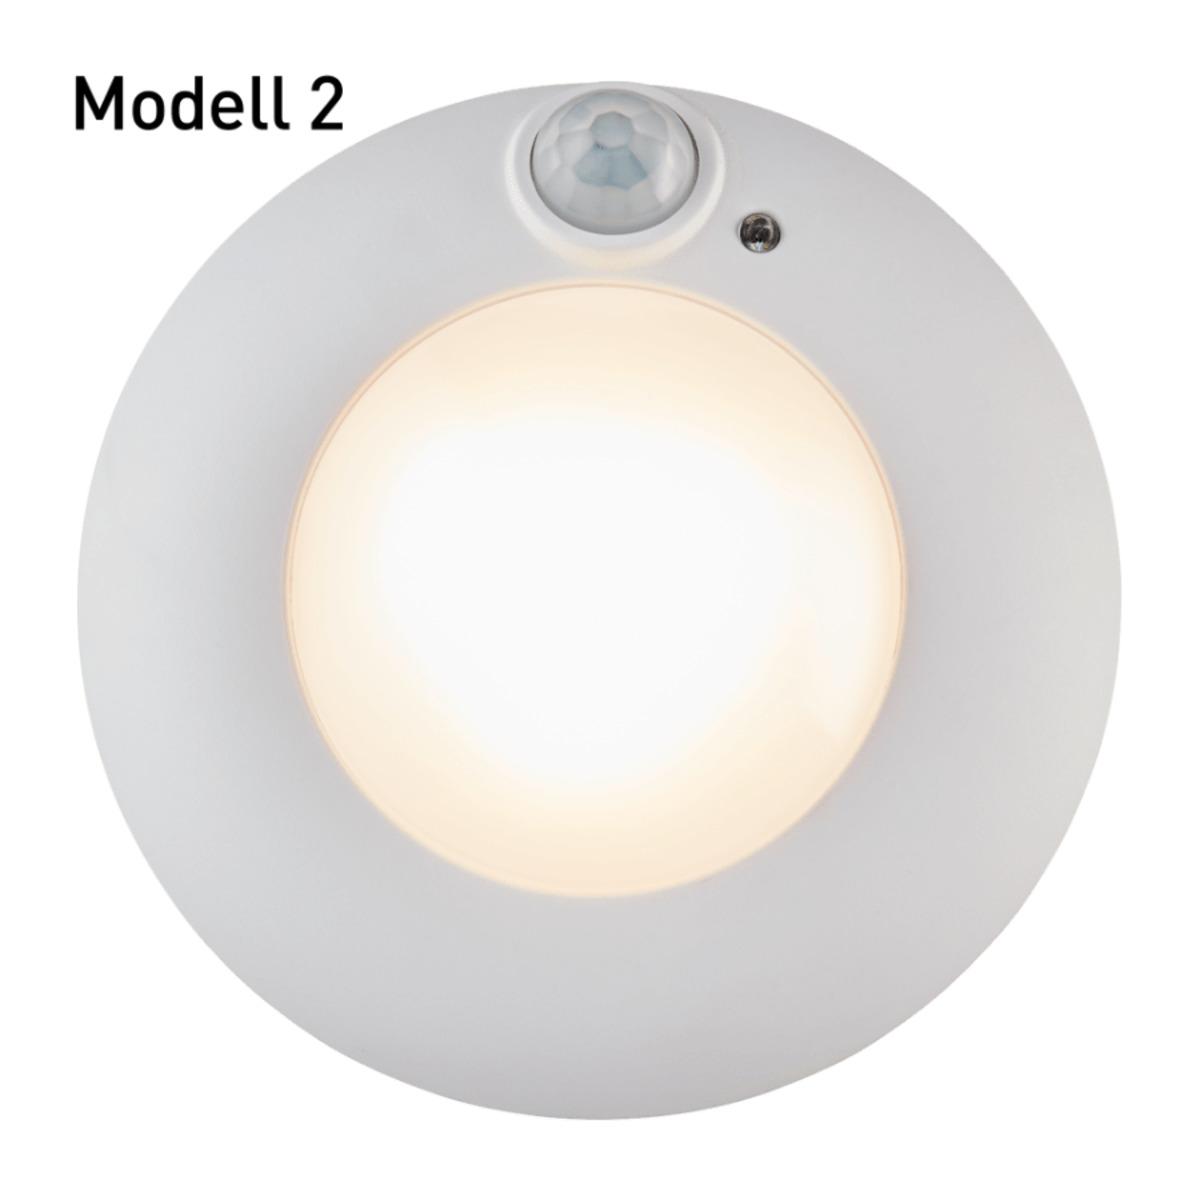 Bild 3 von LIGHTZONE     LED-Beleuchtungsspots